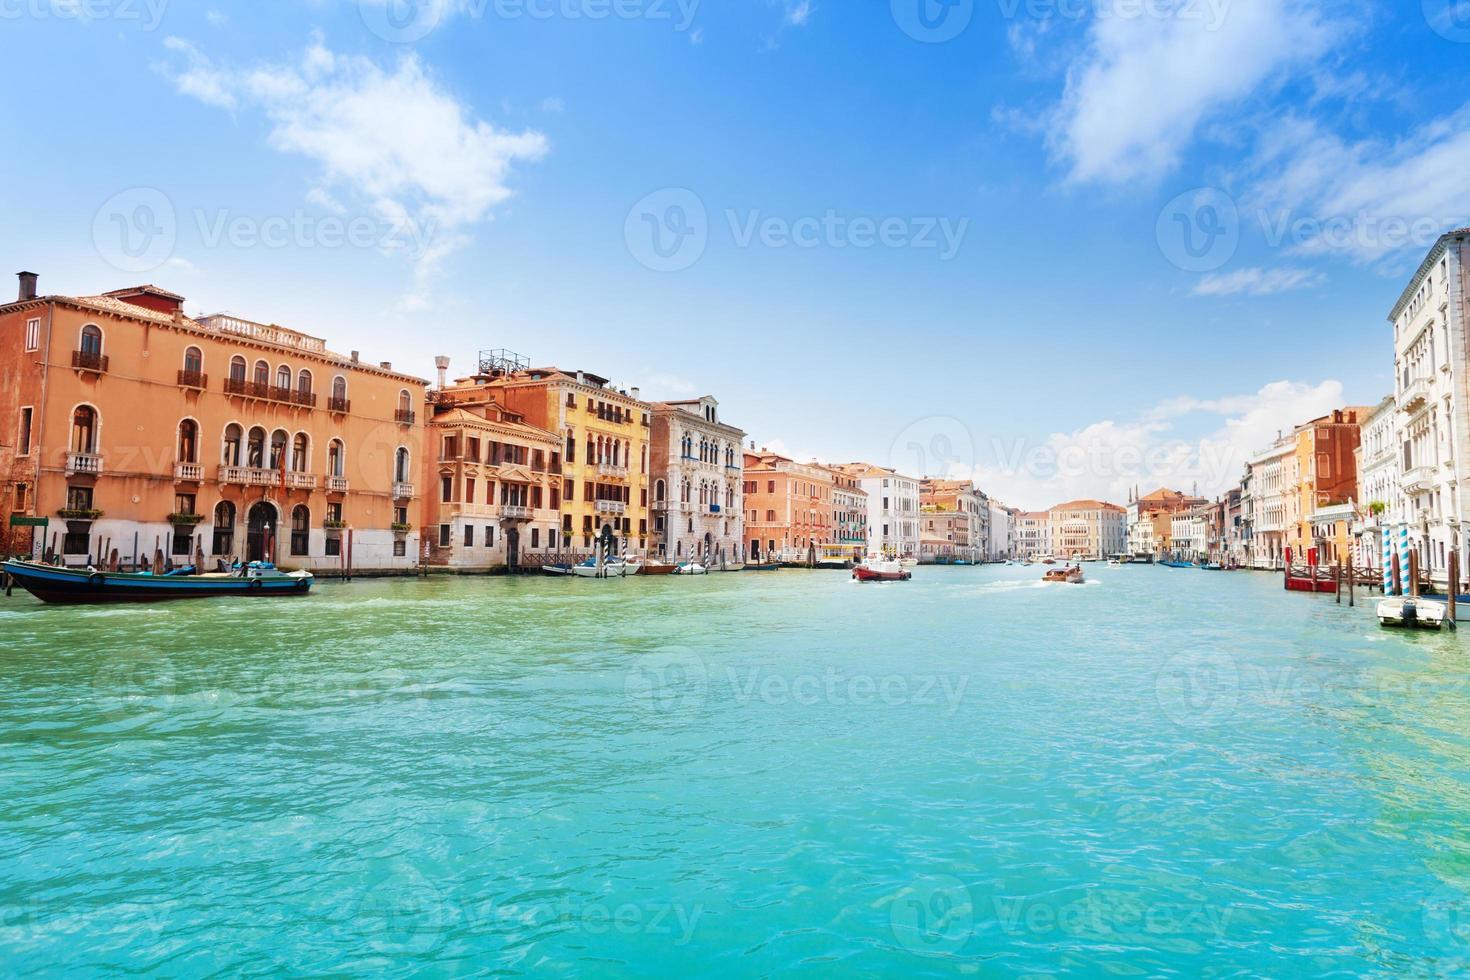 vista sul canal grande a venezia foto